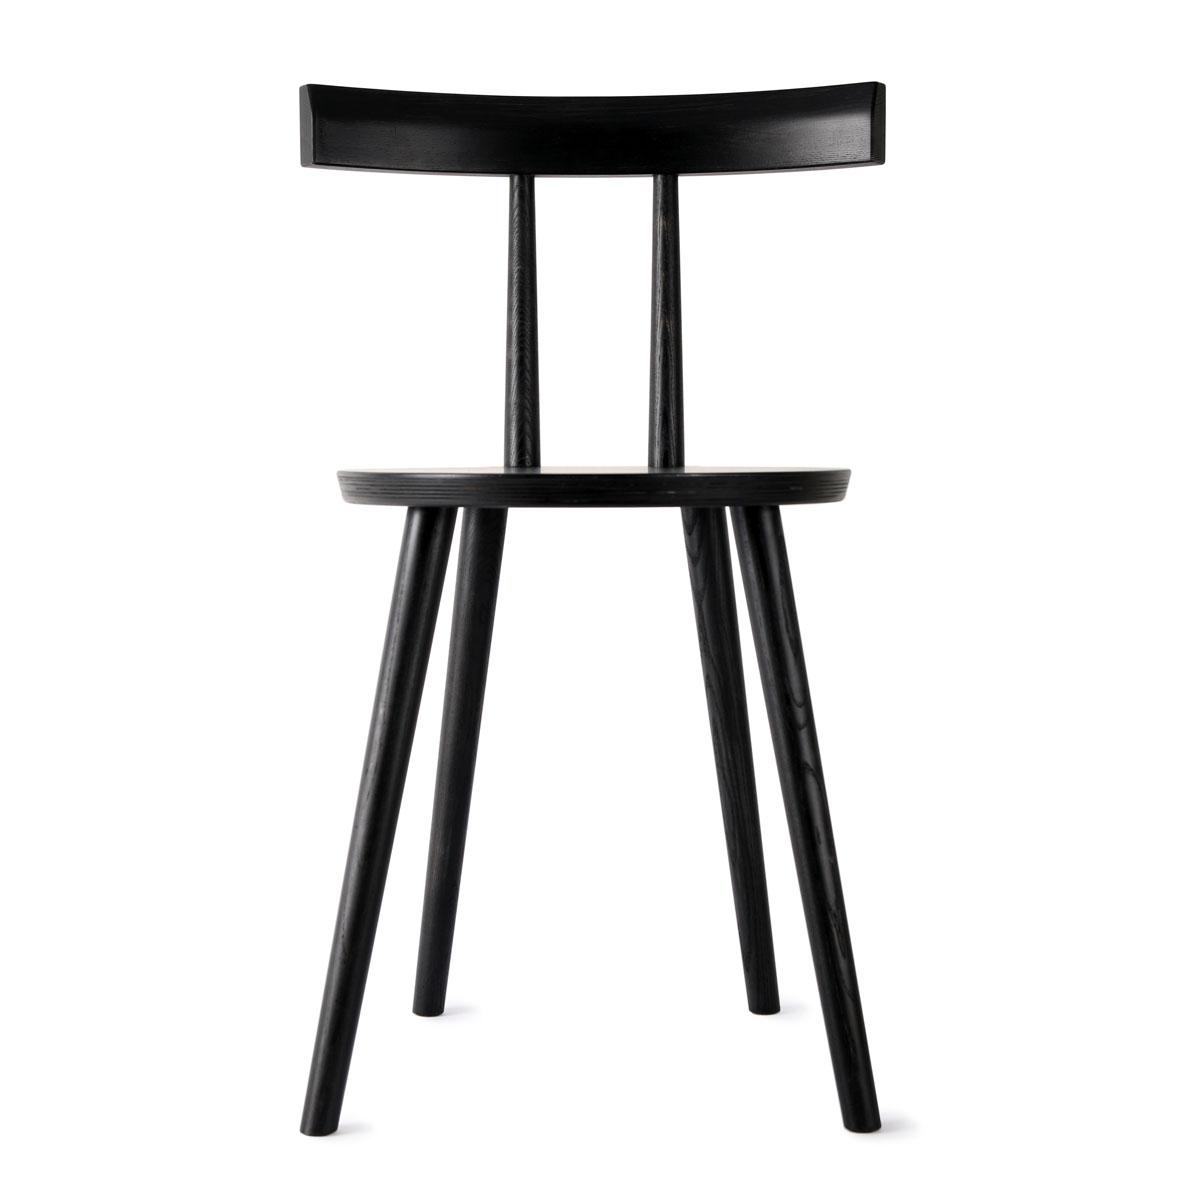 Stuhl griffbereit s chsischer staatspreis f r design 2016 for Stuhl design entwicklung